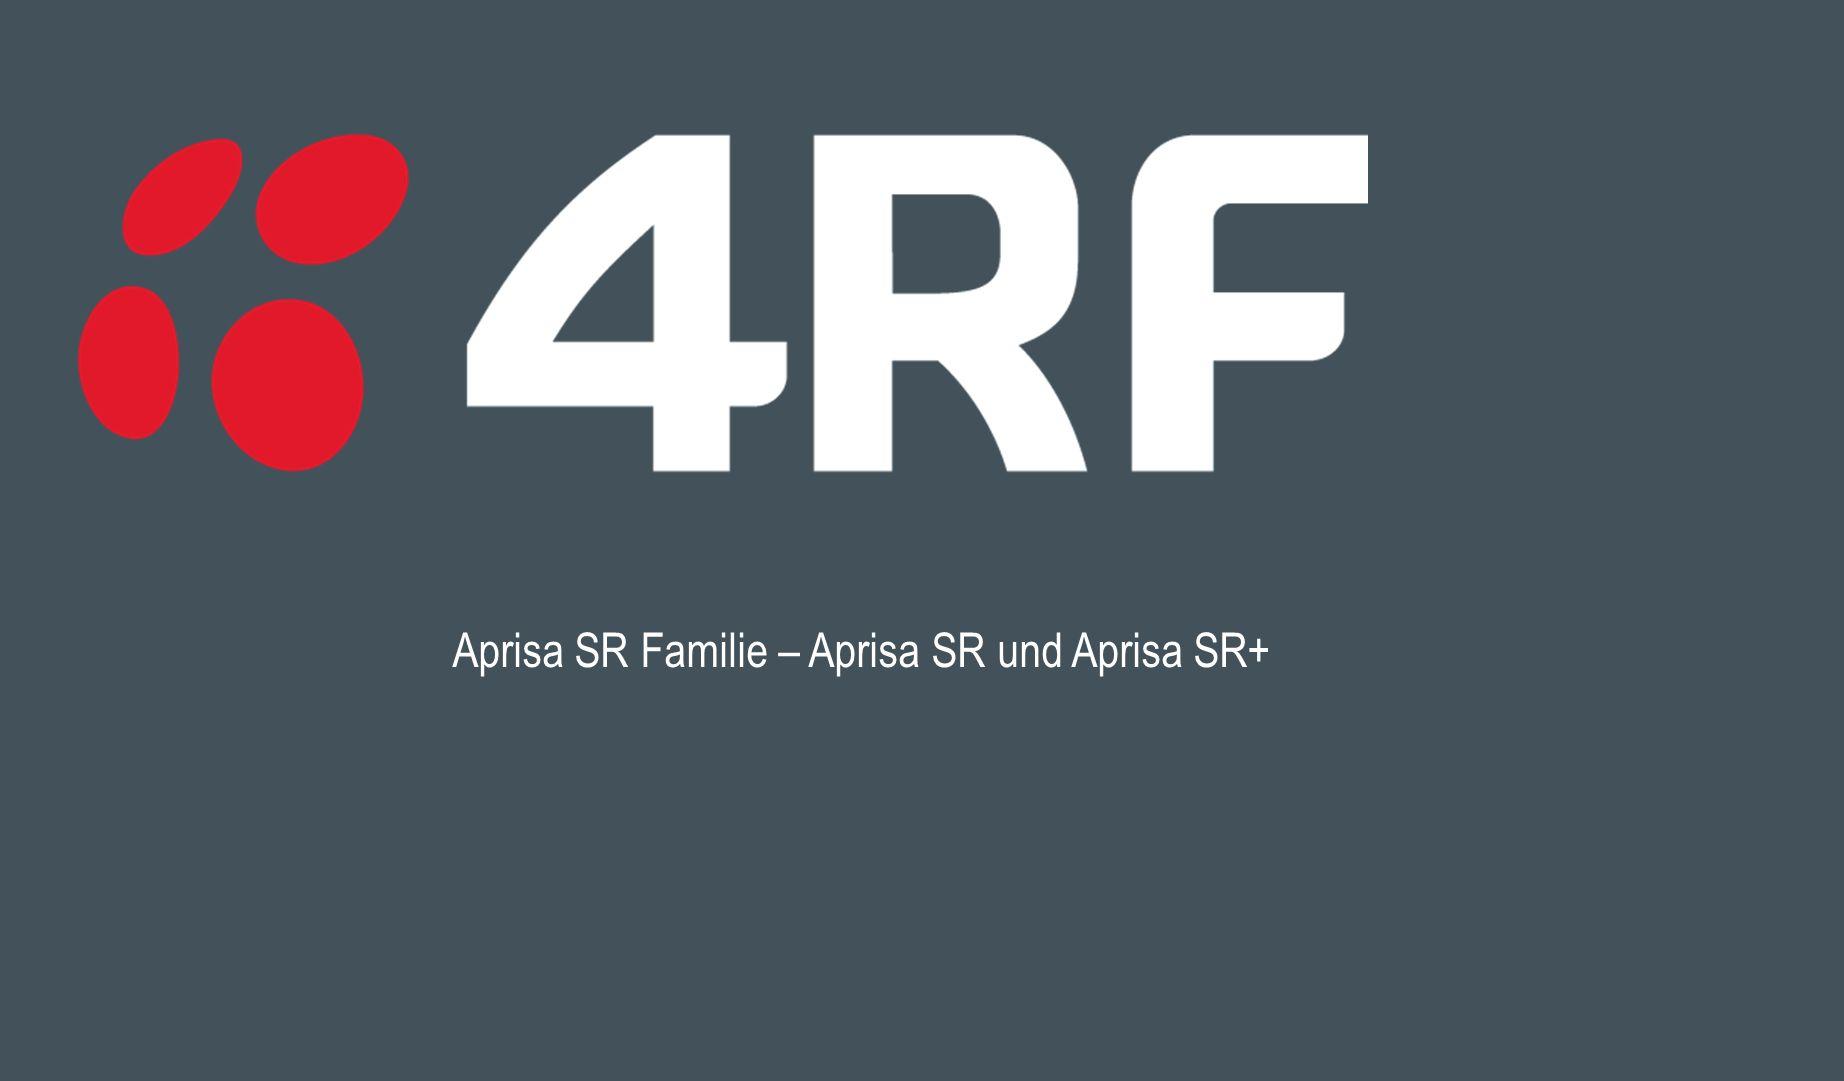 120 kbps in einem 25 kHz Kanal 10W Leistungsausgang Vollduplex Basis, Repeater und ortsferne Stationen Erstklassige RF-Leistung Optimiert für SCADA basierten Verkehr Auf Sicherheit basierte Konstruktion Adaptive Modulation 4RF Zuverlässigkeit und Widerstandsfähigkeit Aprisa SR+ - Zusammenfassung